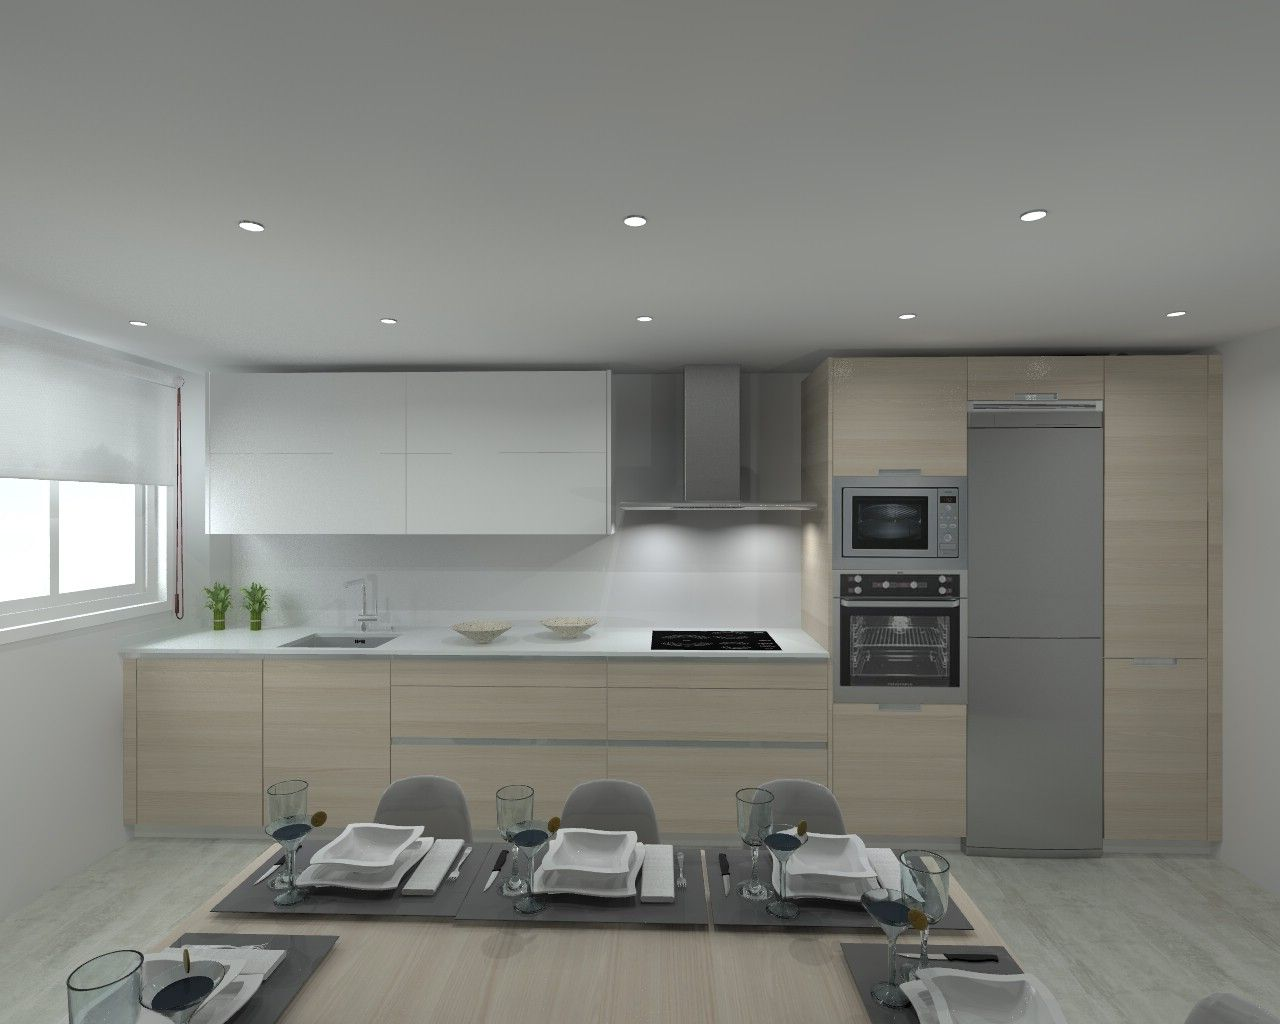 Modelo Line E | Encimera Silestone | cocinas | Pinterest | Modelo ...